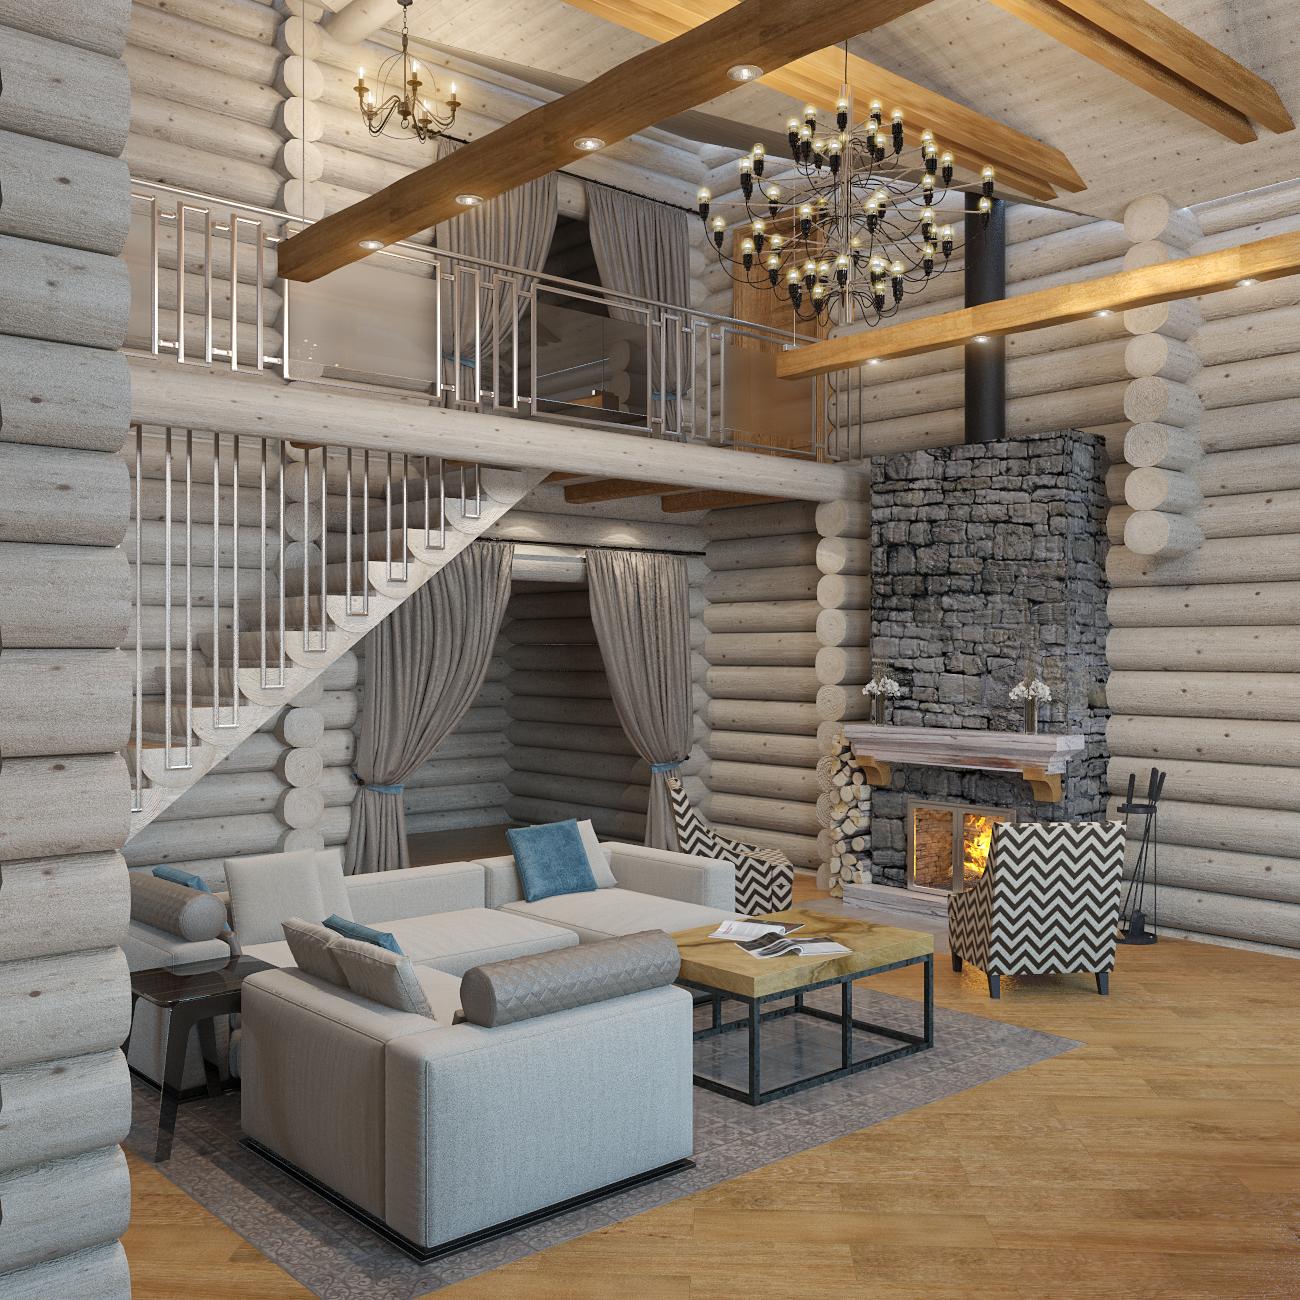 дизайн интерьера деревянного дома (2)